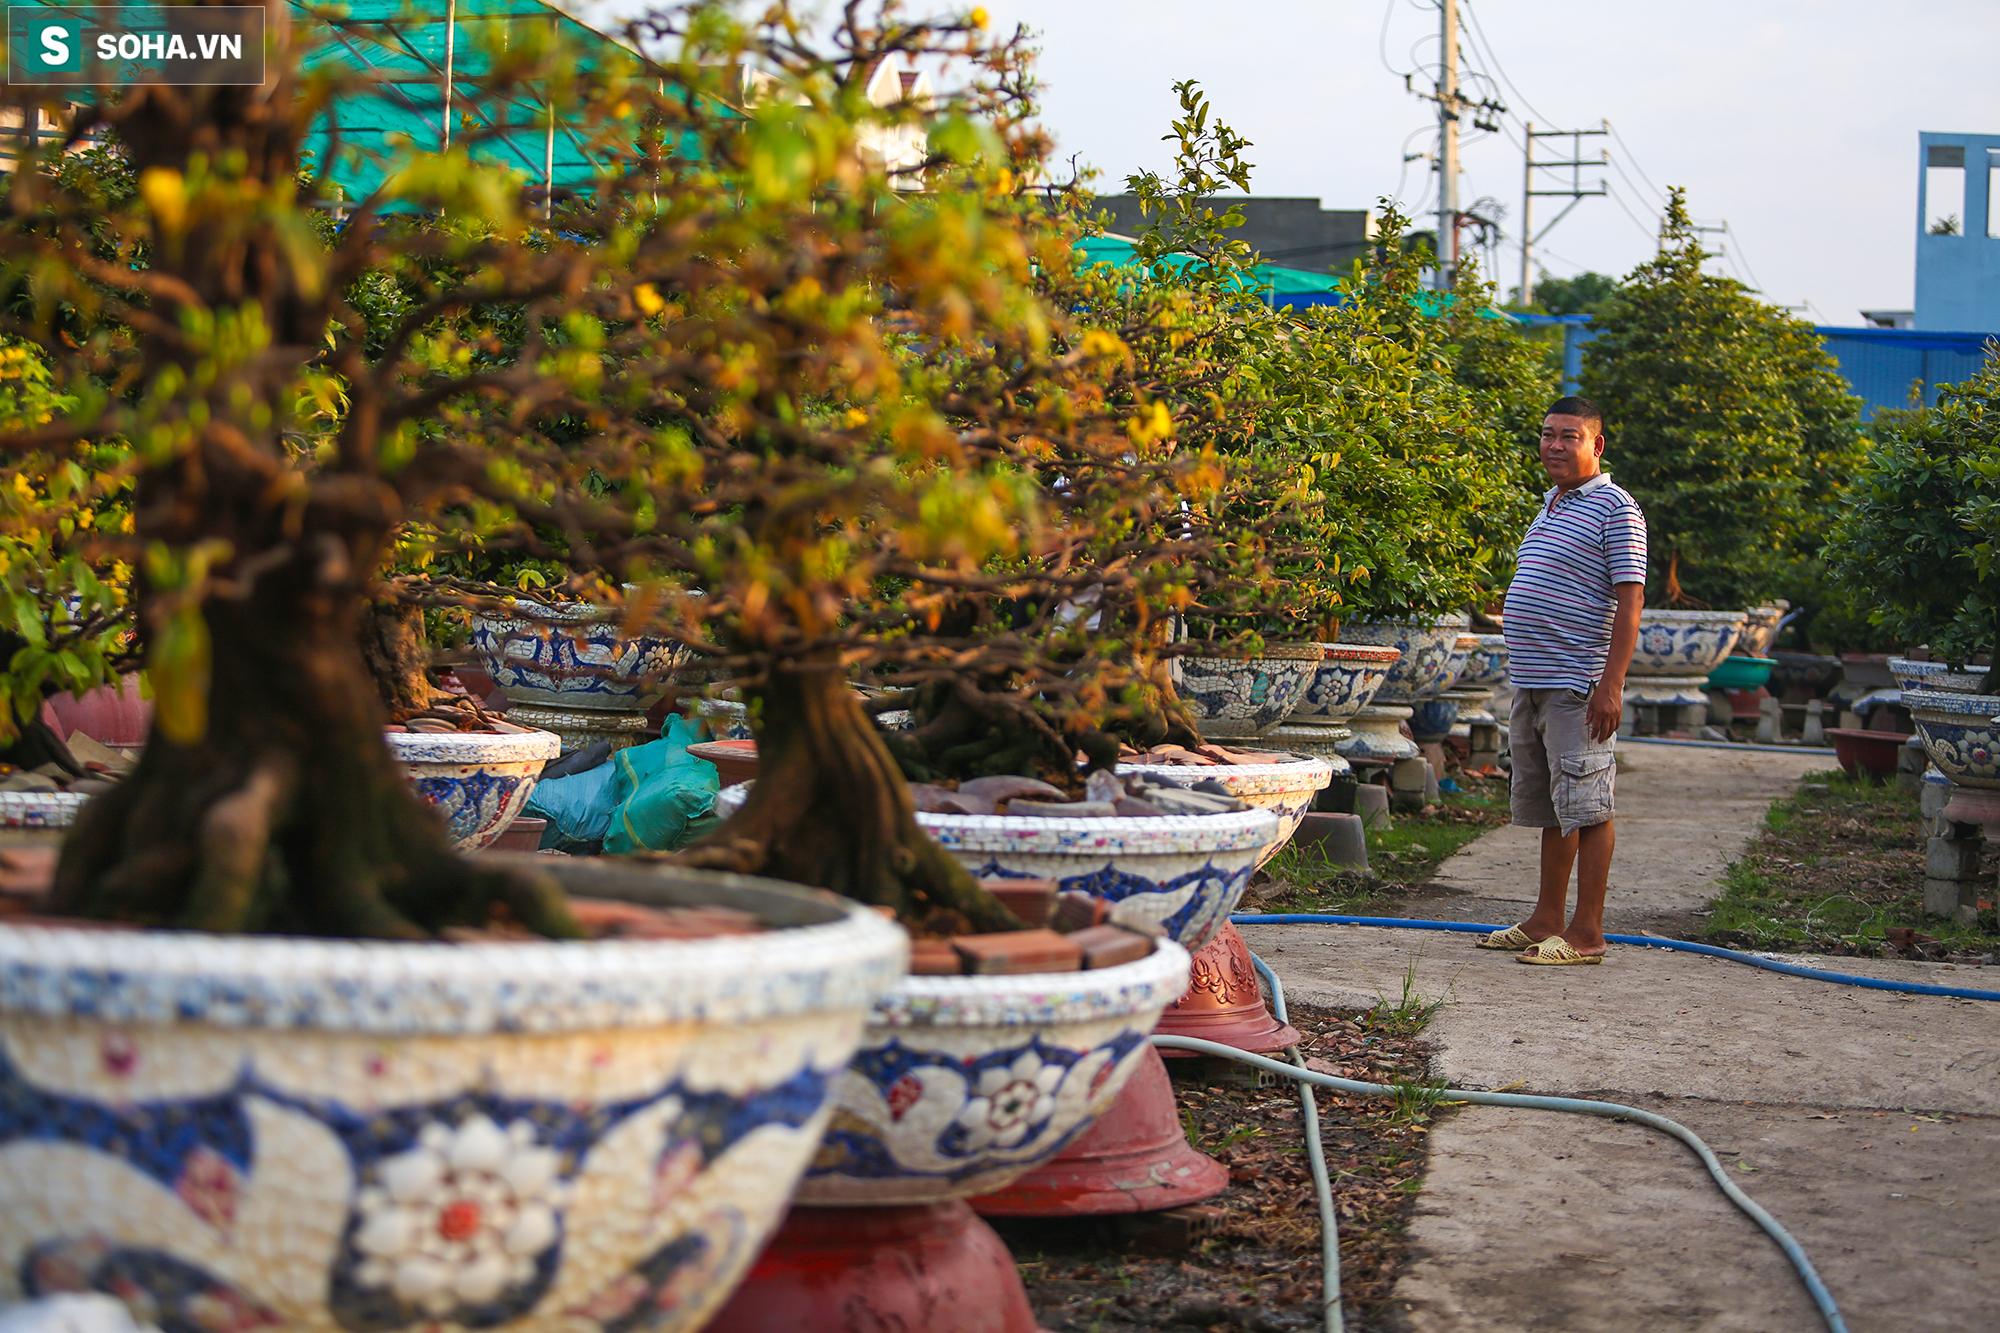 [Ảnh] Hàng nghìn cây mai nở sớm trước Tết cả tháng, chủ vườn mất trắng 15 tỷ đồng - Ảnh 10.